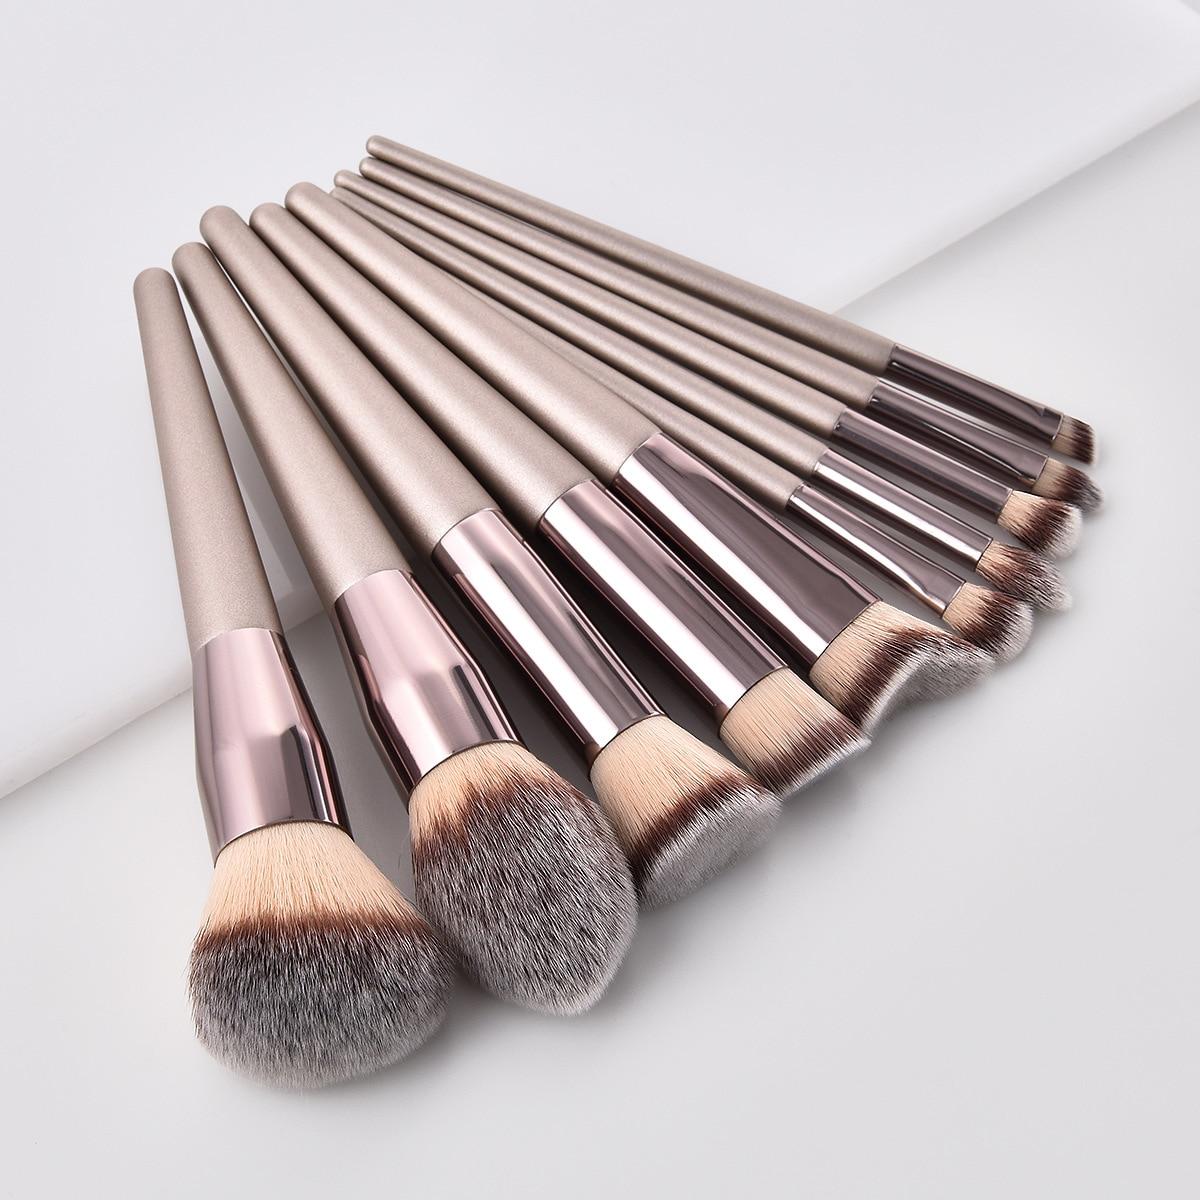 Luxury Champagne Makeup Brushes Foundation Powder Blush Eyeshadow Eyelash Concealer Lip Eye Blending Brush Make Up Brushes Set